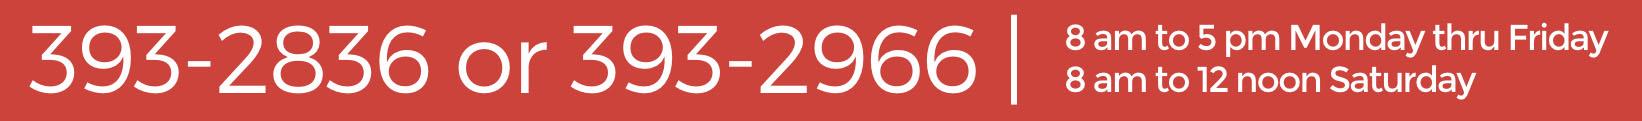 tel numbers